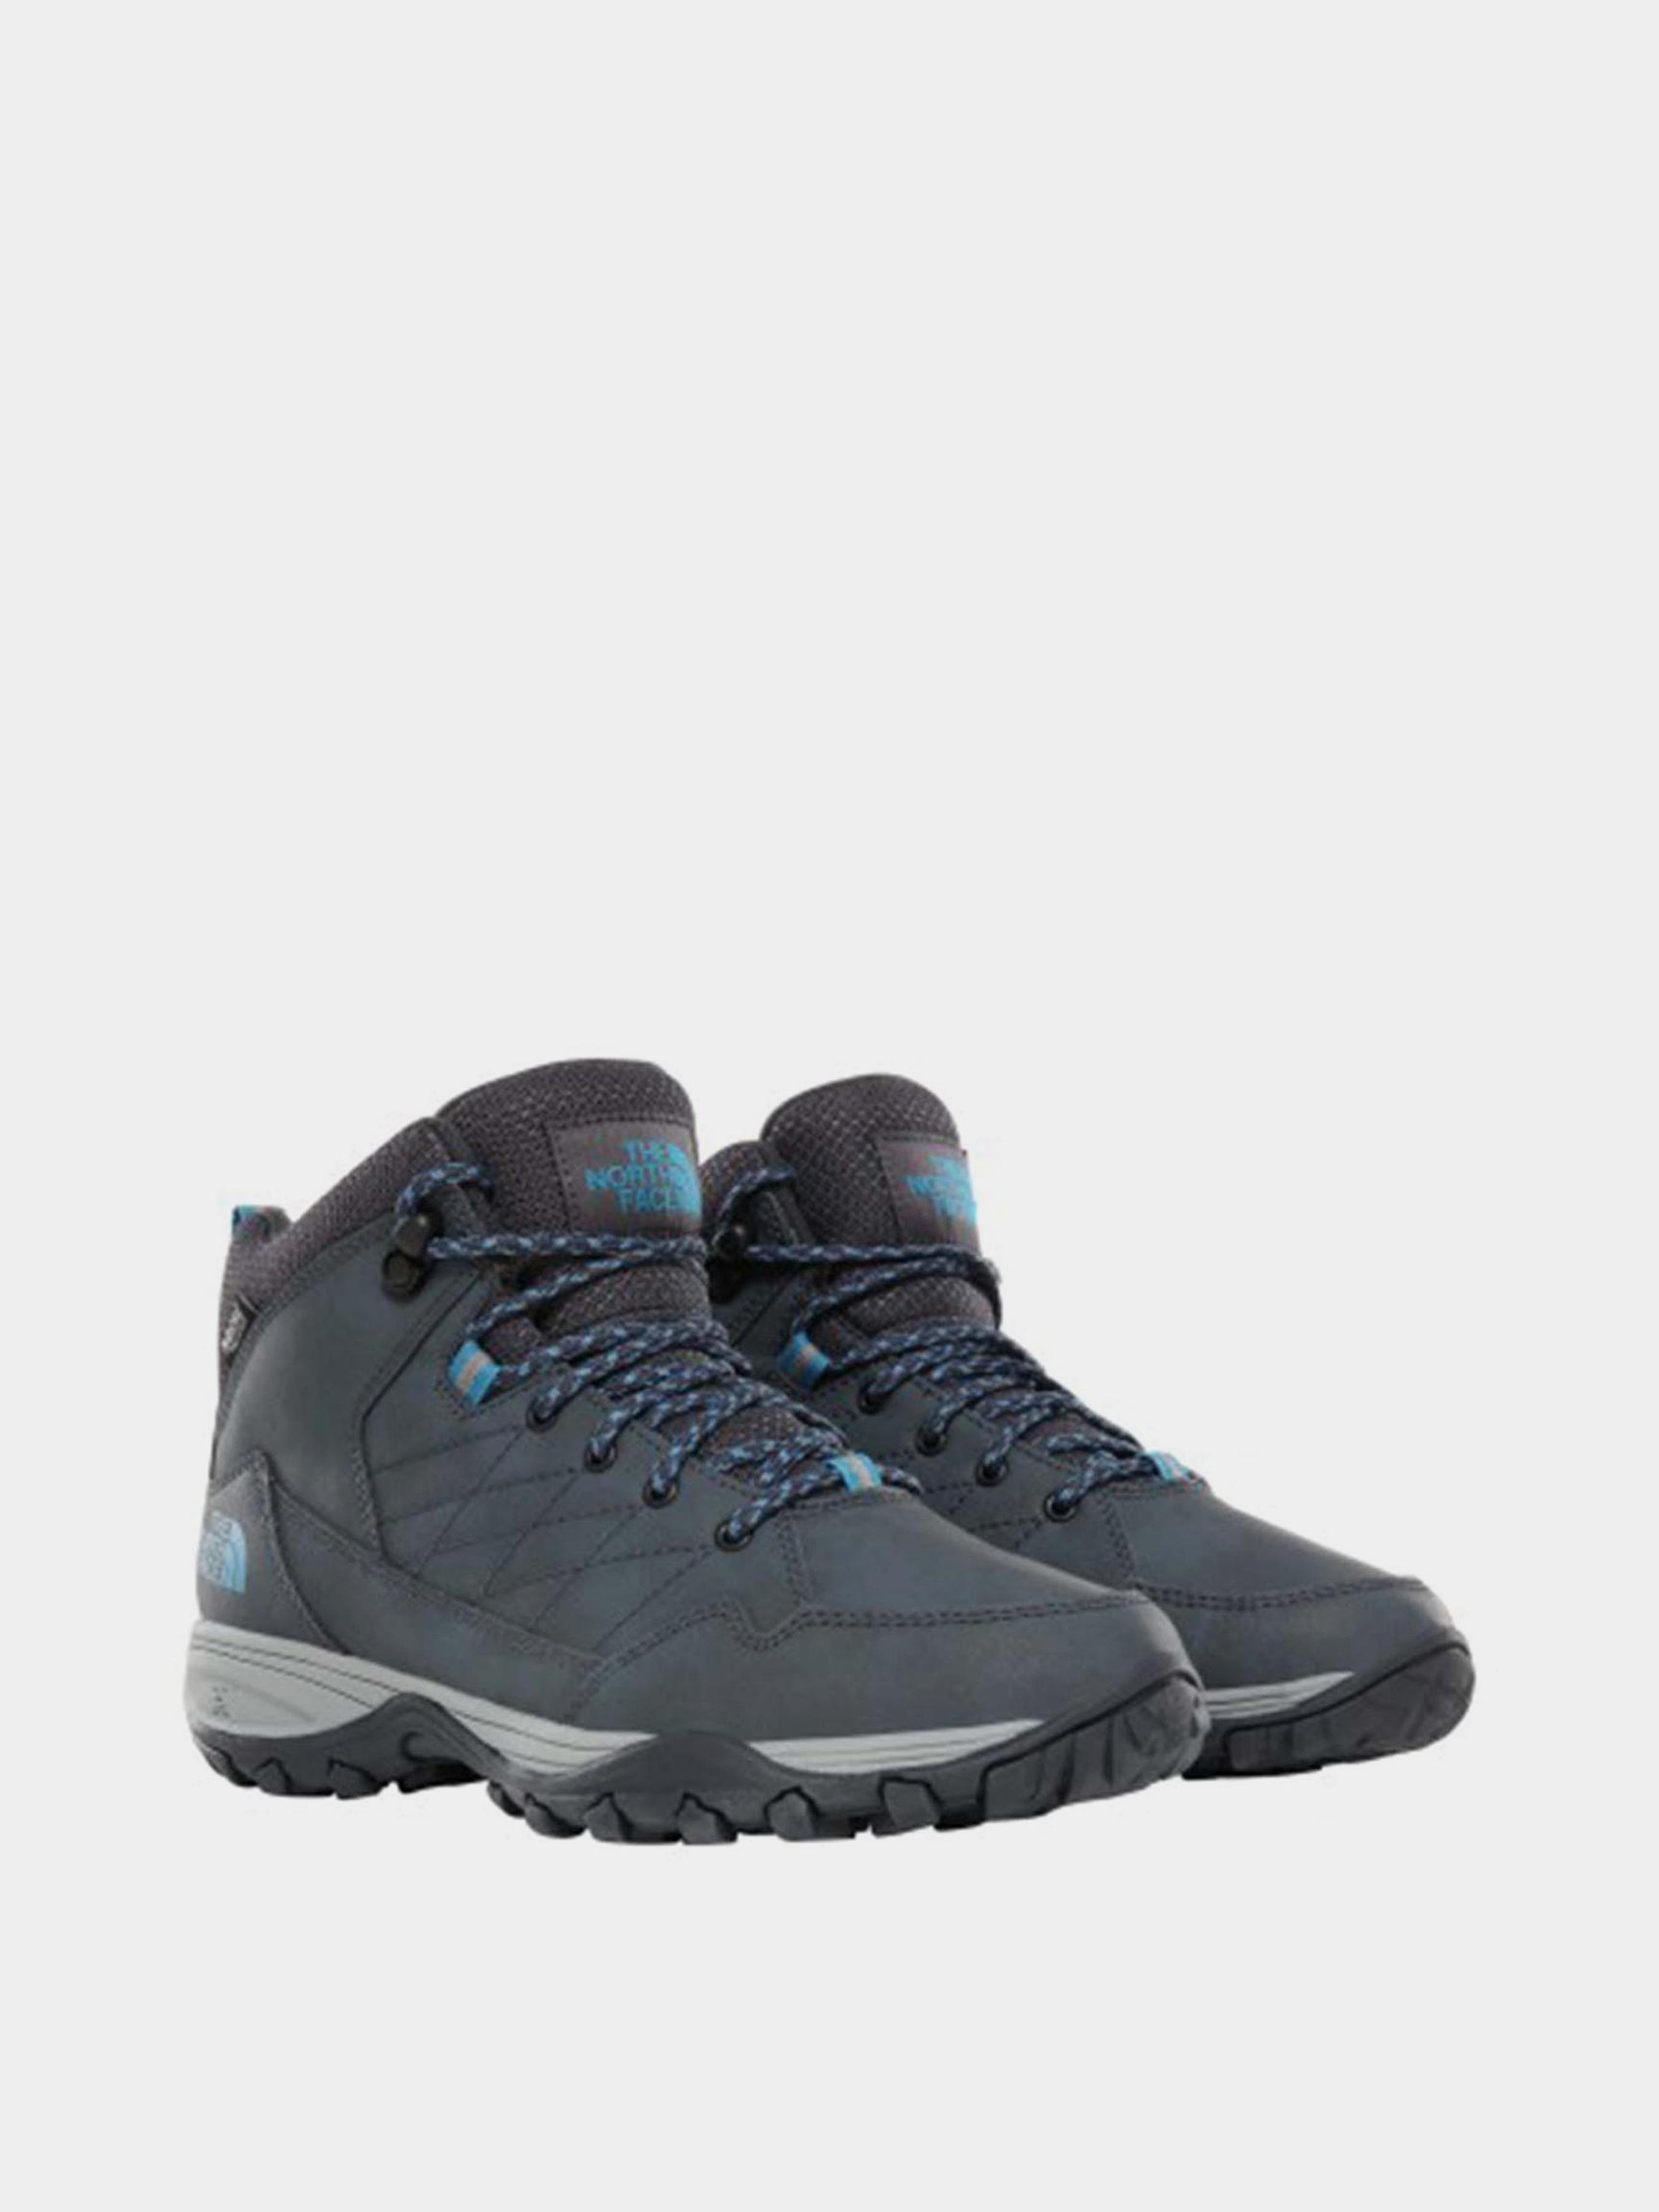 Ботинки для женщин The North Face Storm Strike II Wp NO9786 брендовая обувь, 2017